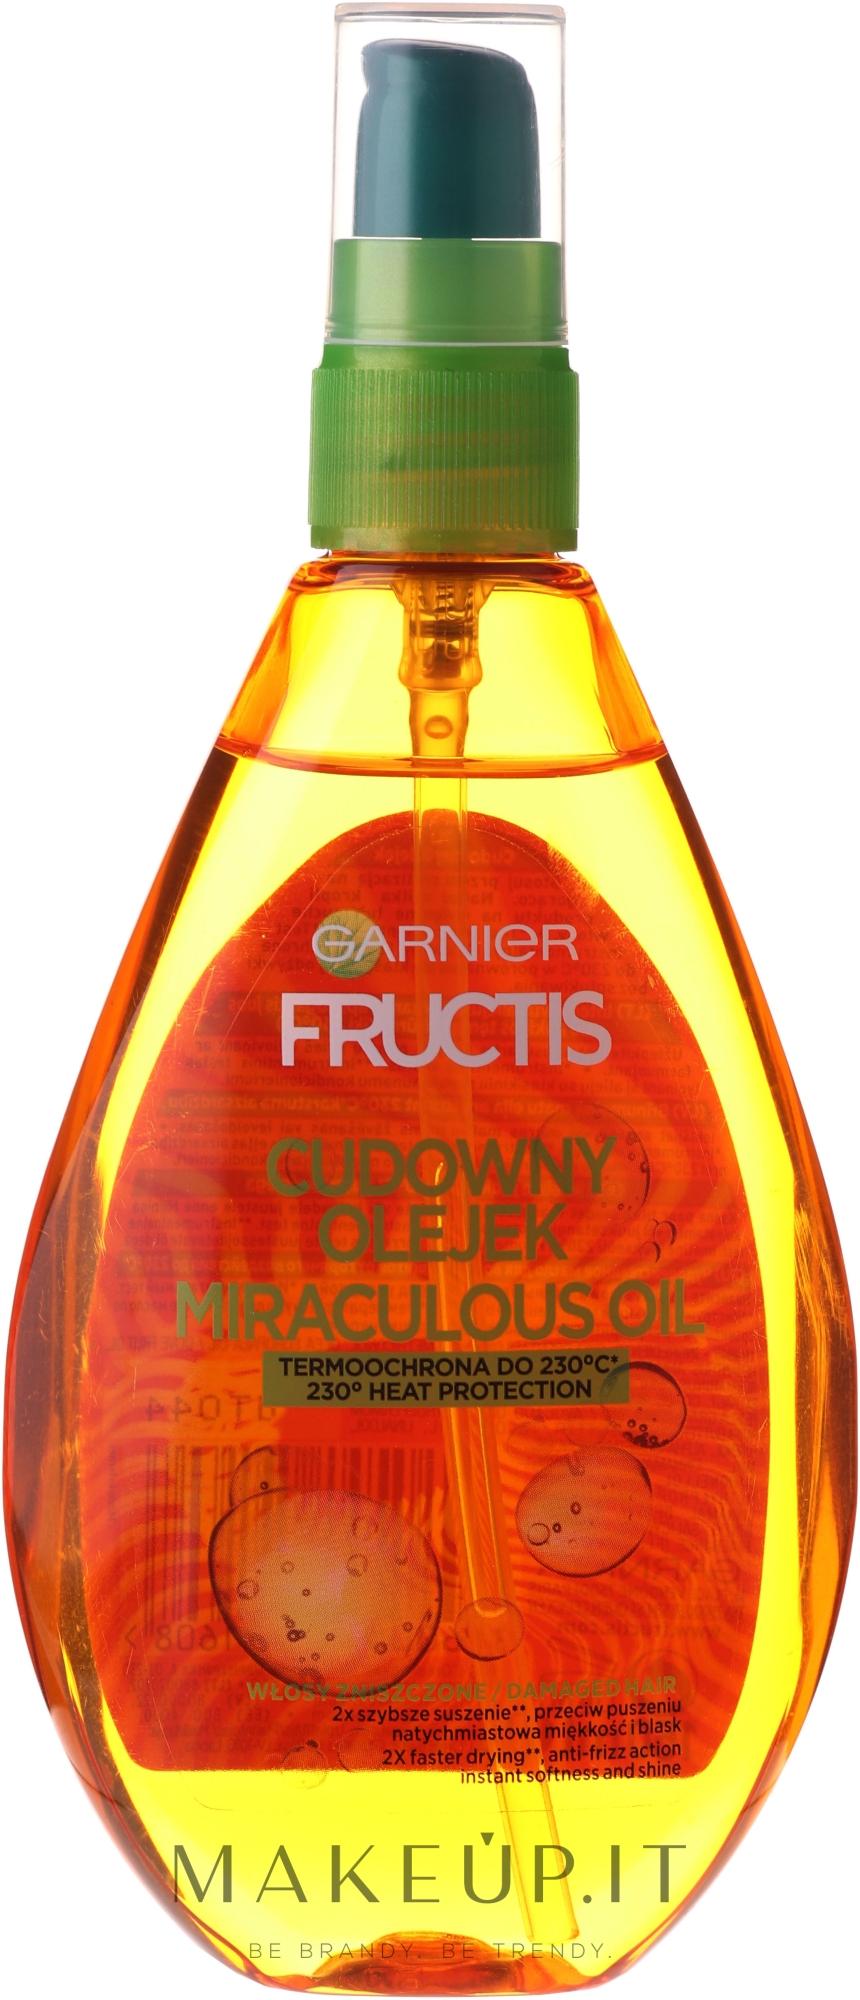 Garnier Fructis - Olio per capelli | Makeup.it